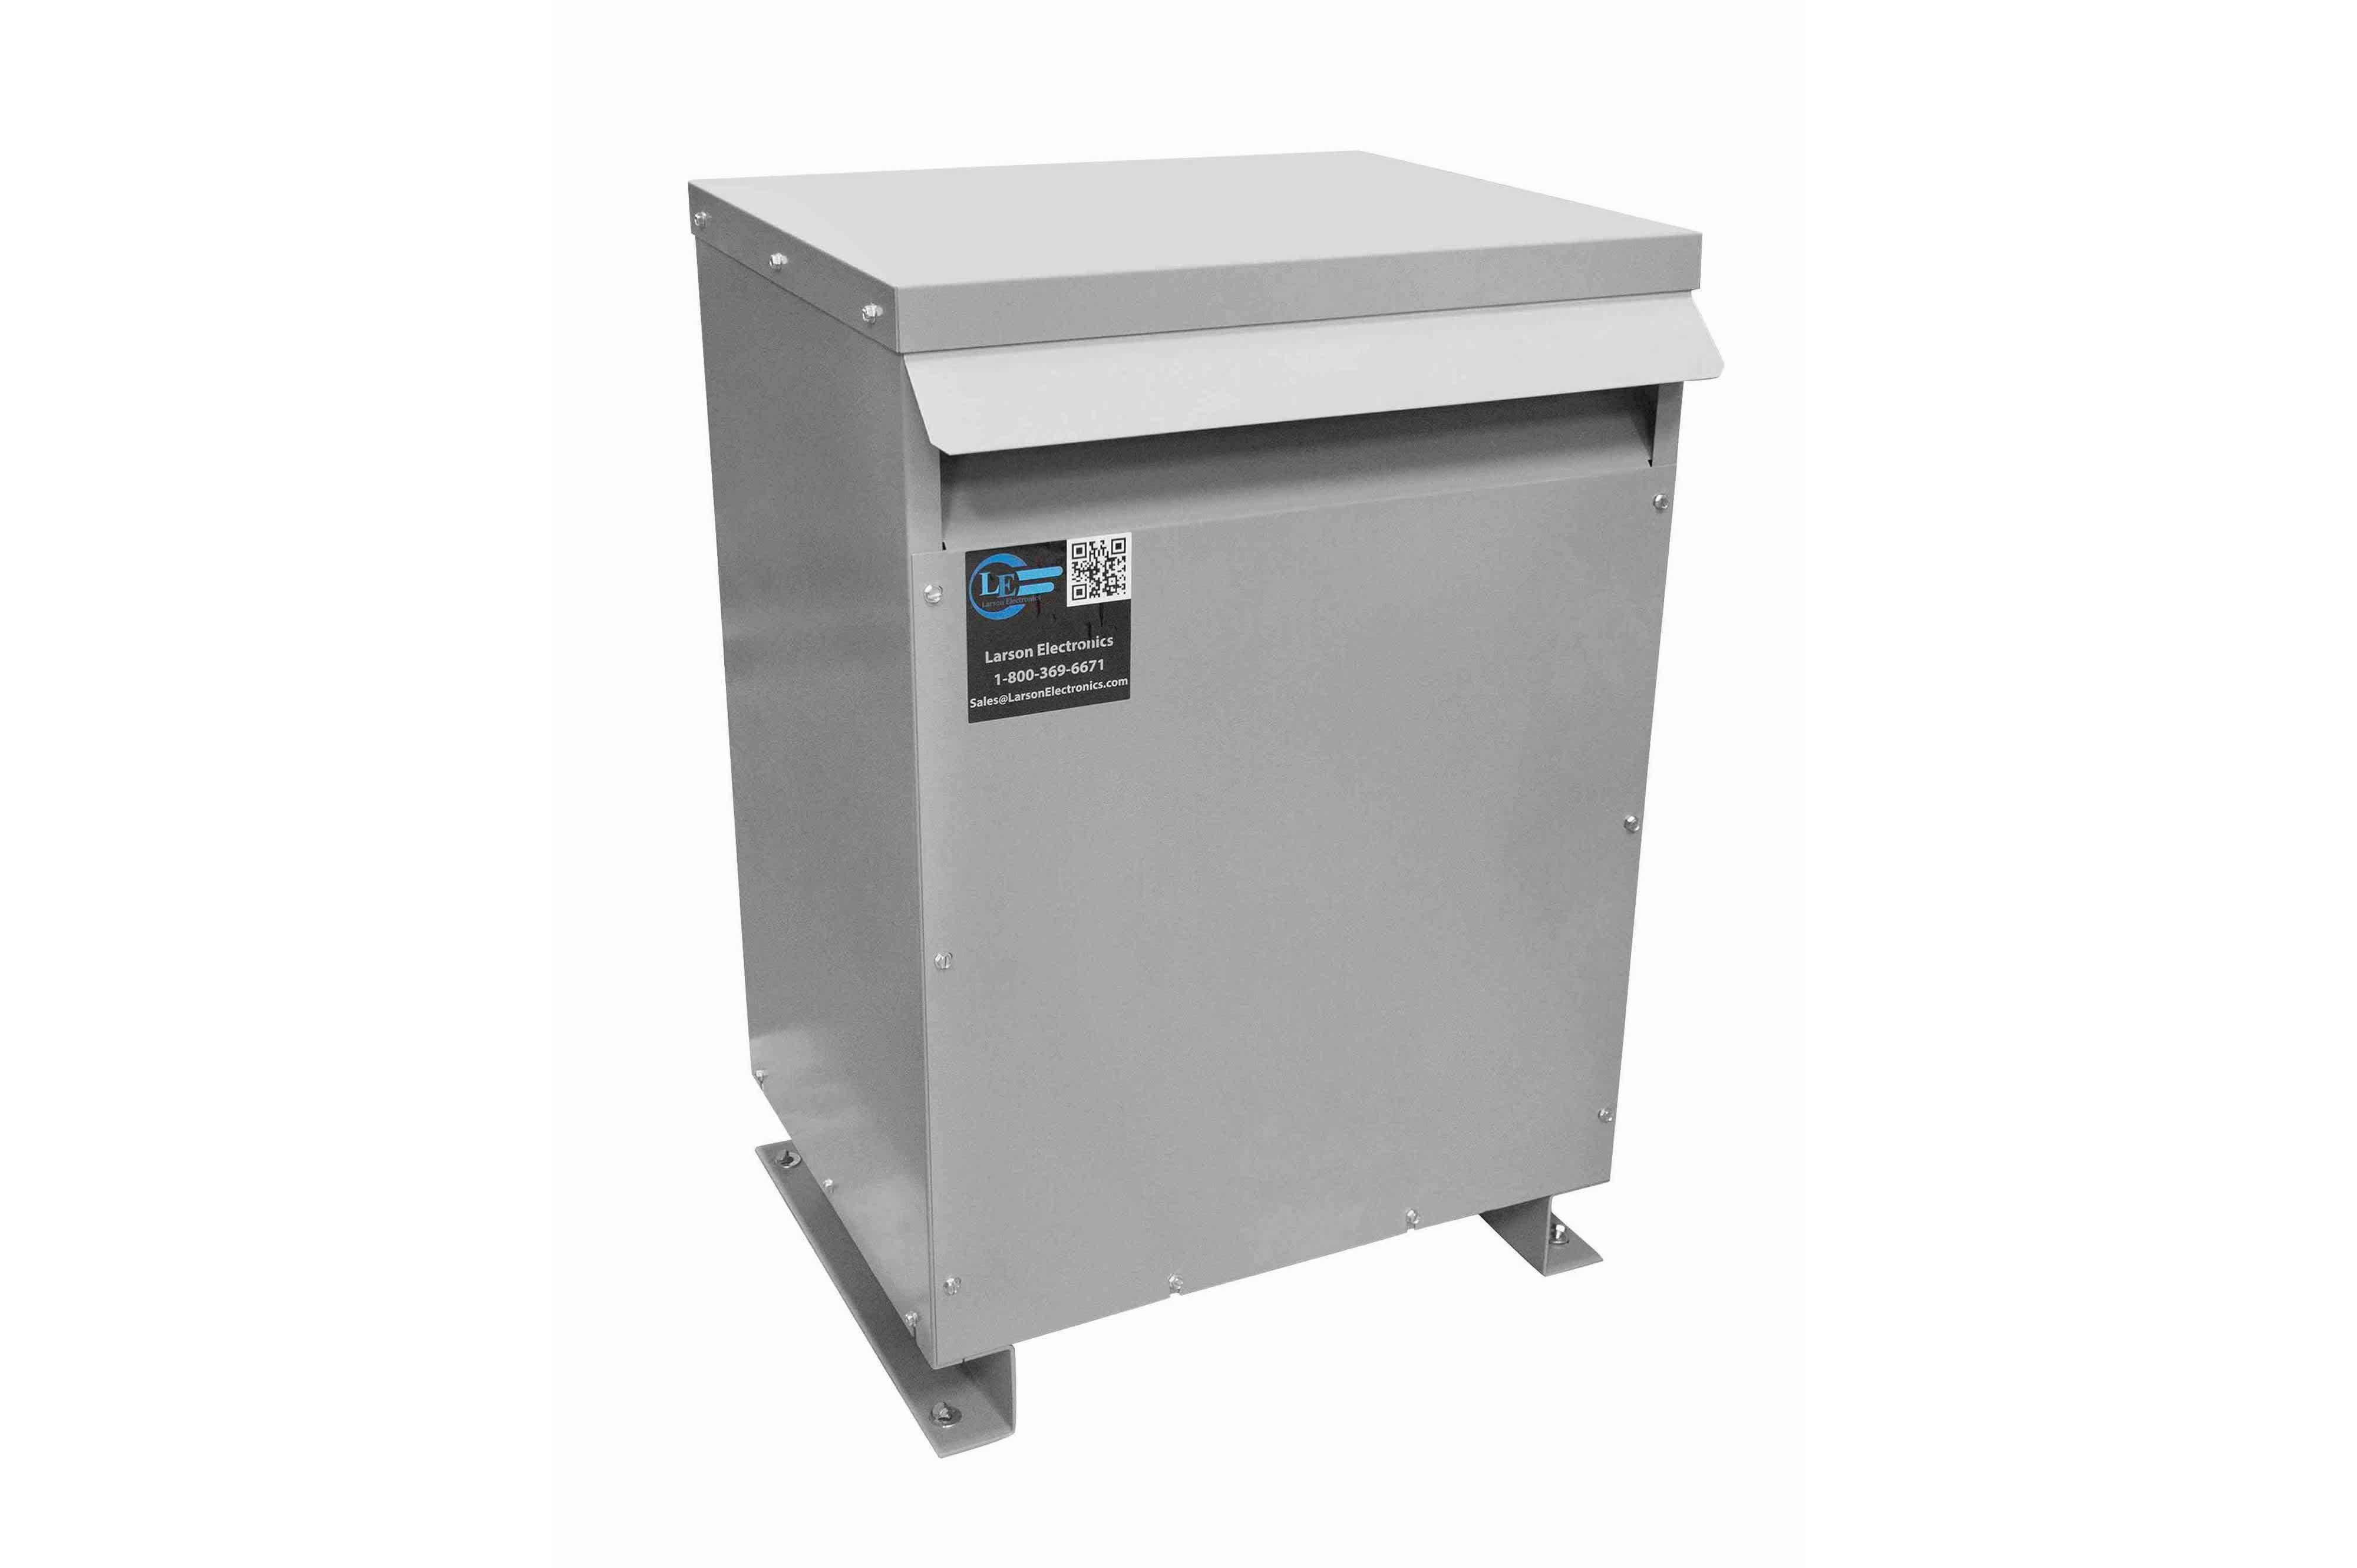 47.5 kVA 3PH Isolation Transformer, 208V Delta Primary, 415V Delta Secondary, N3R, Ventilated, 60 Hz